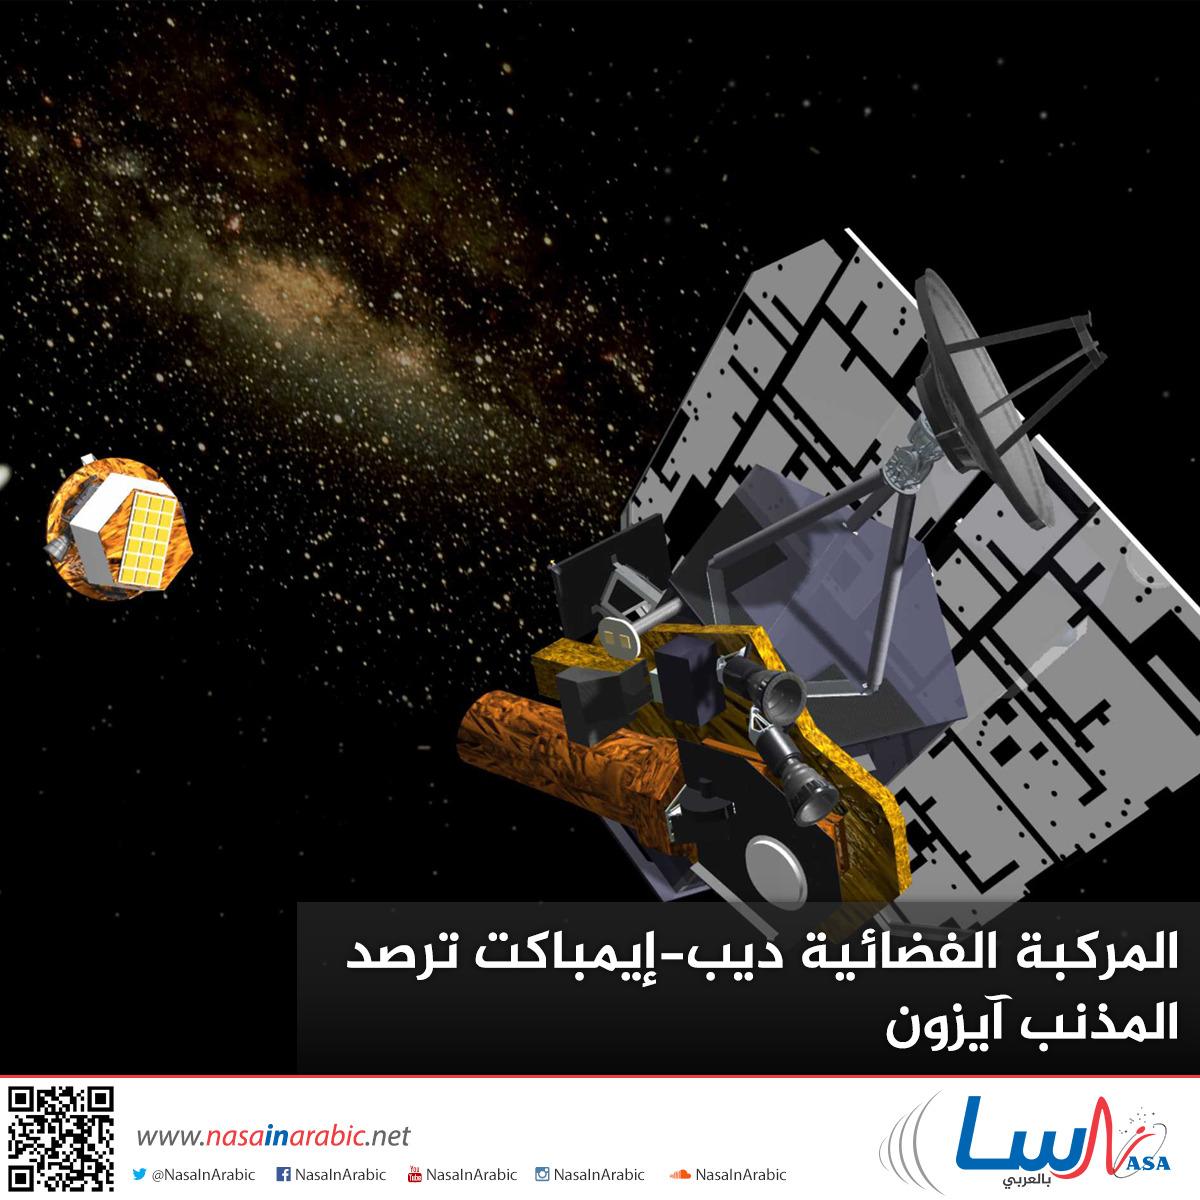 المركبة الفضائية ديب-إيمباكت ترصد المذنب آيزون